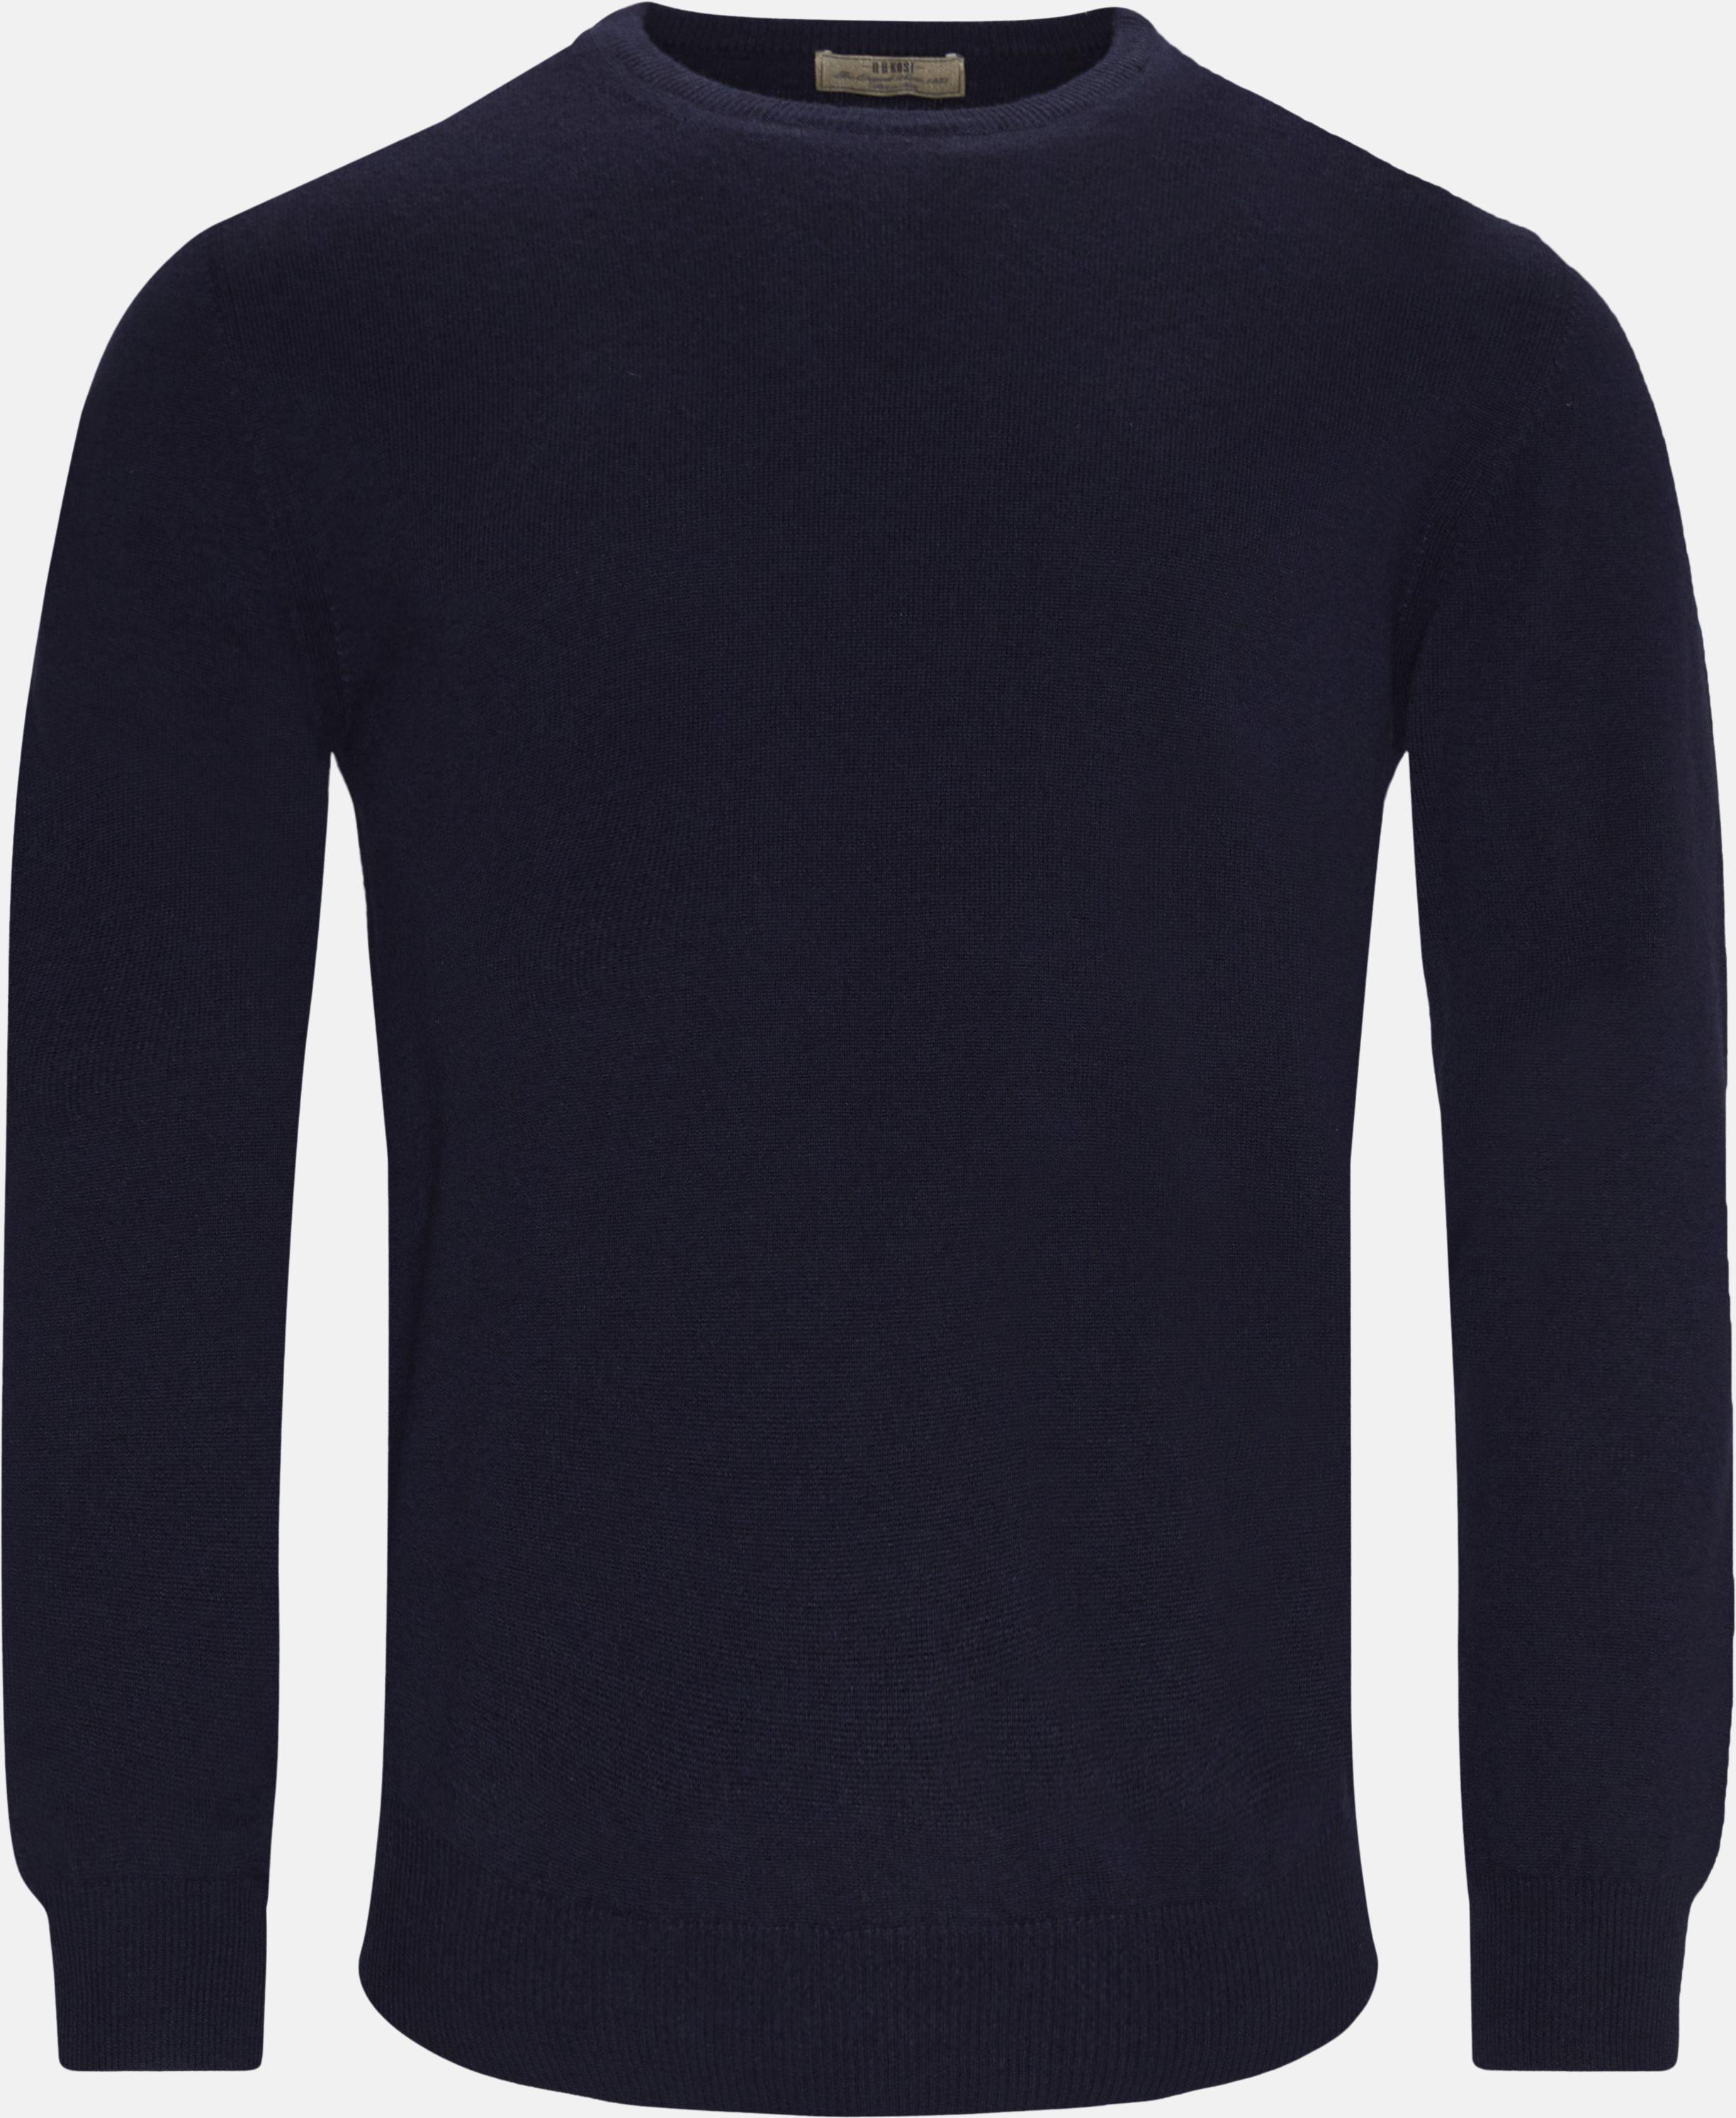 Knitwear - Blue